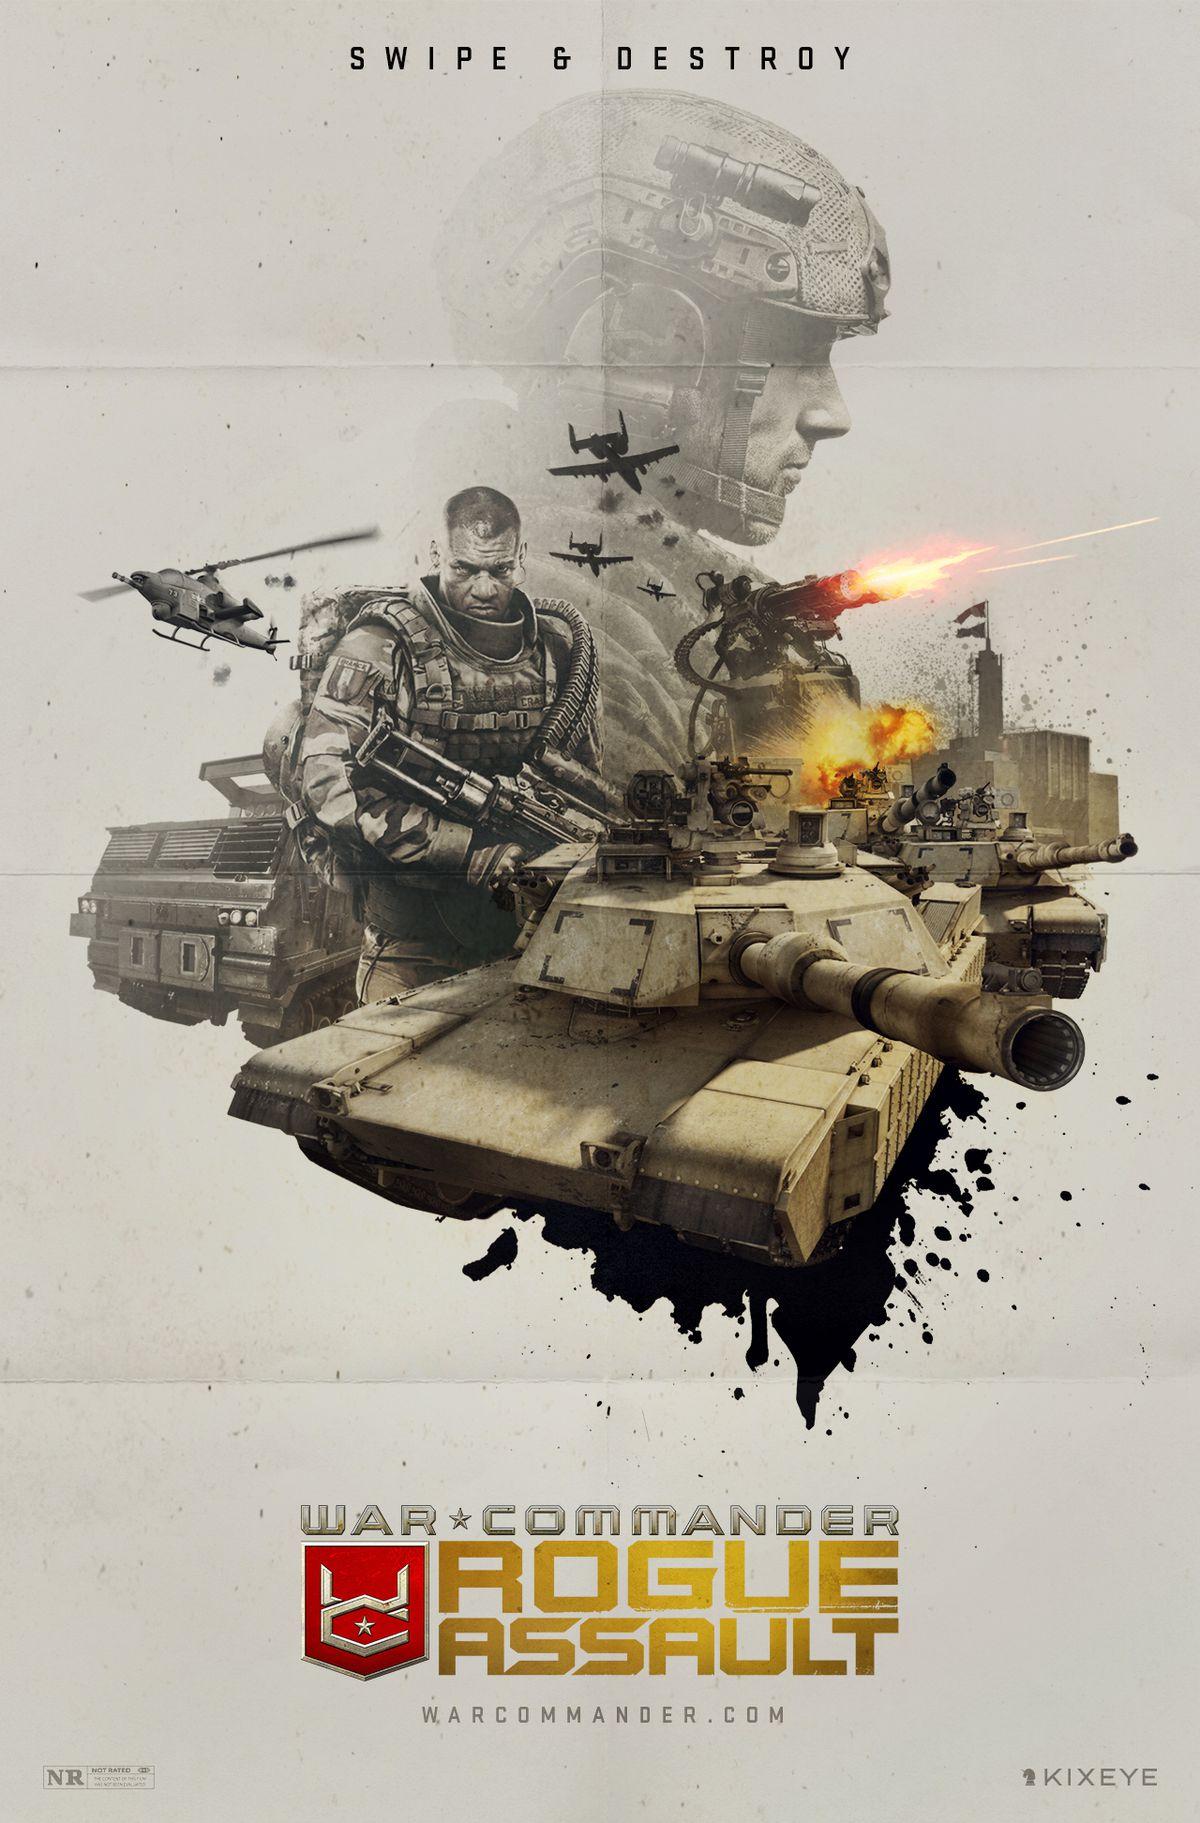 A movie poster treatment for War Commander: Rogue Assault